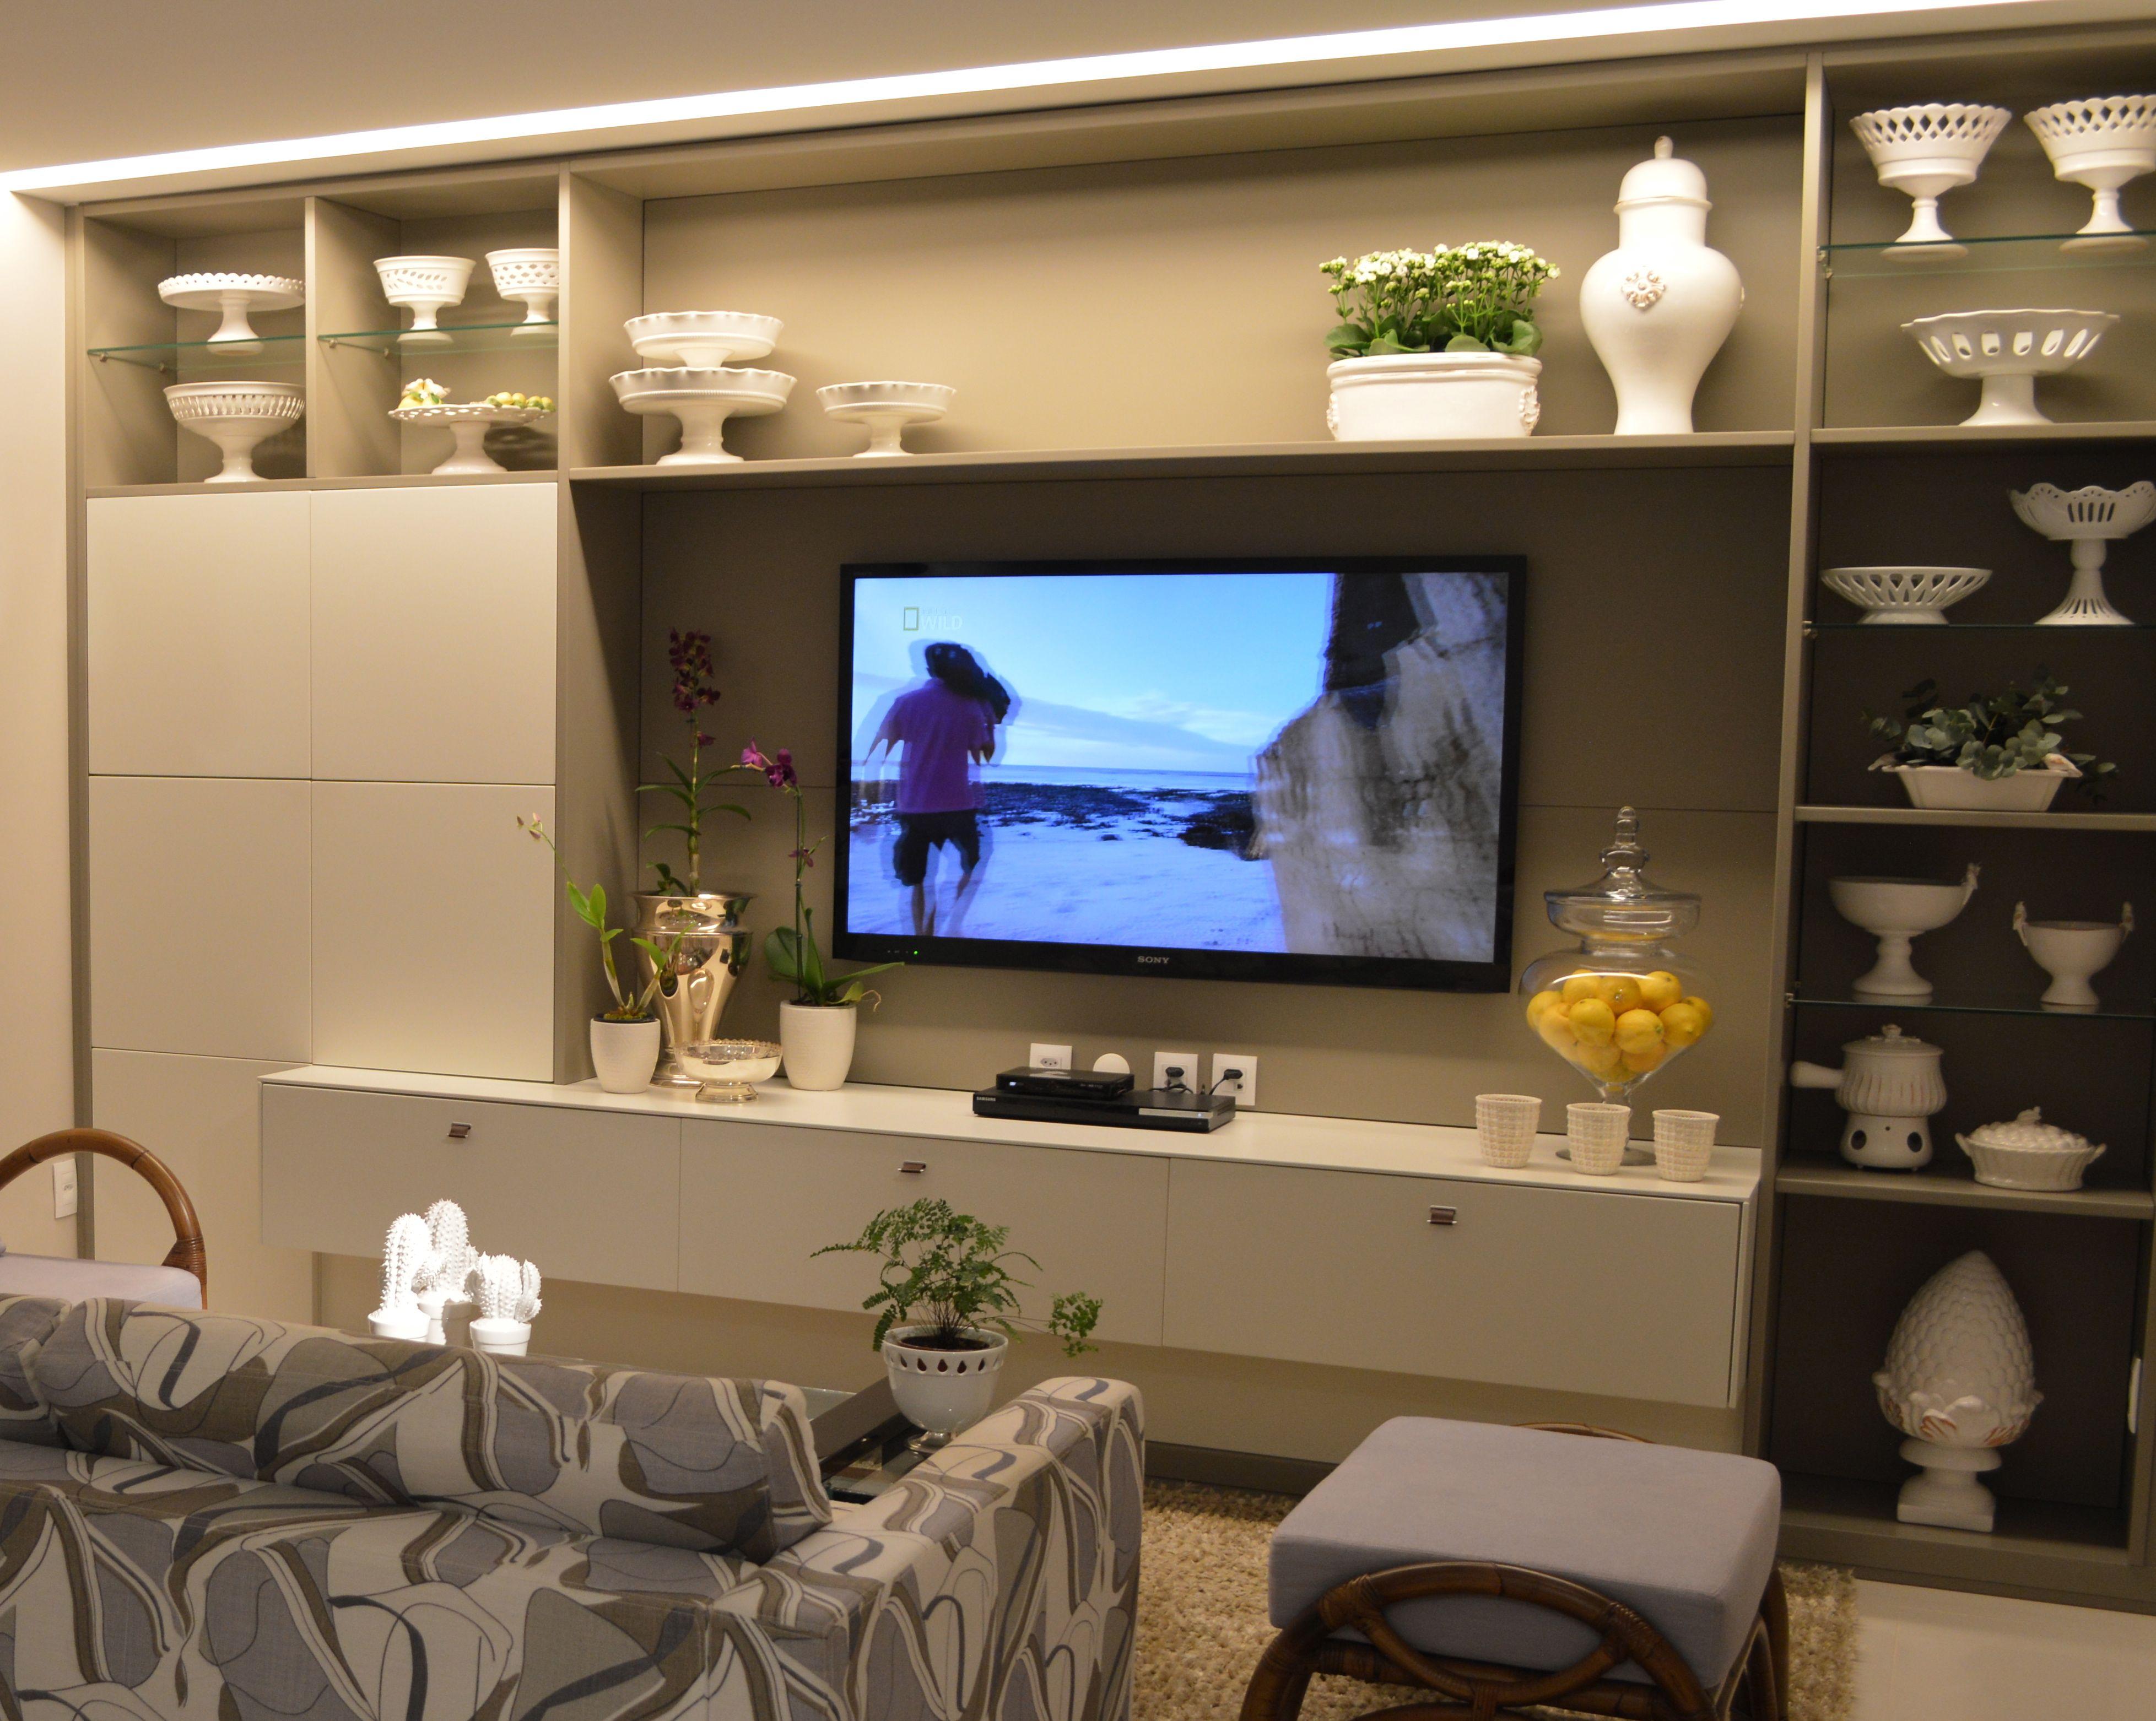 Nada como uma bela estante para decorar e organizar objetos. Seja de  #016BCA 3913x3124